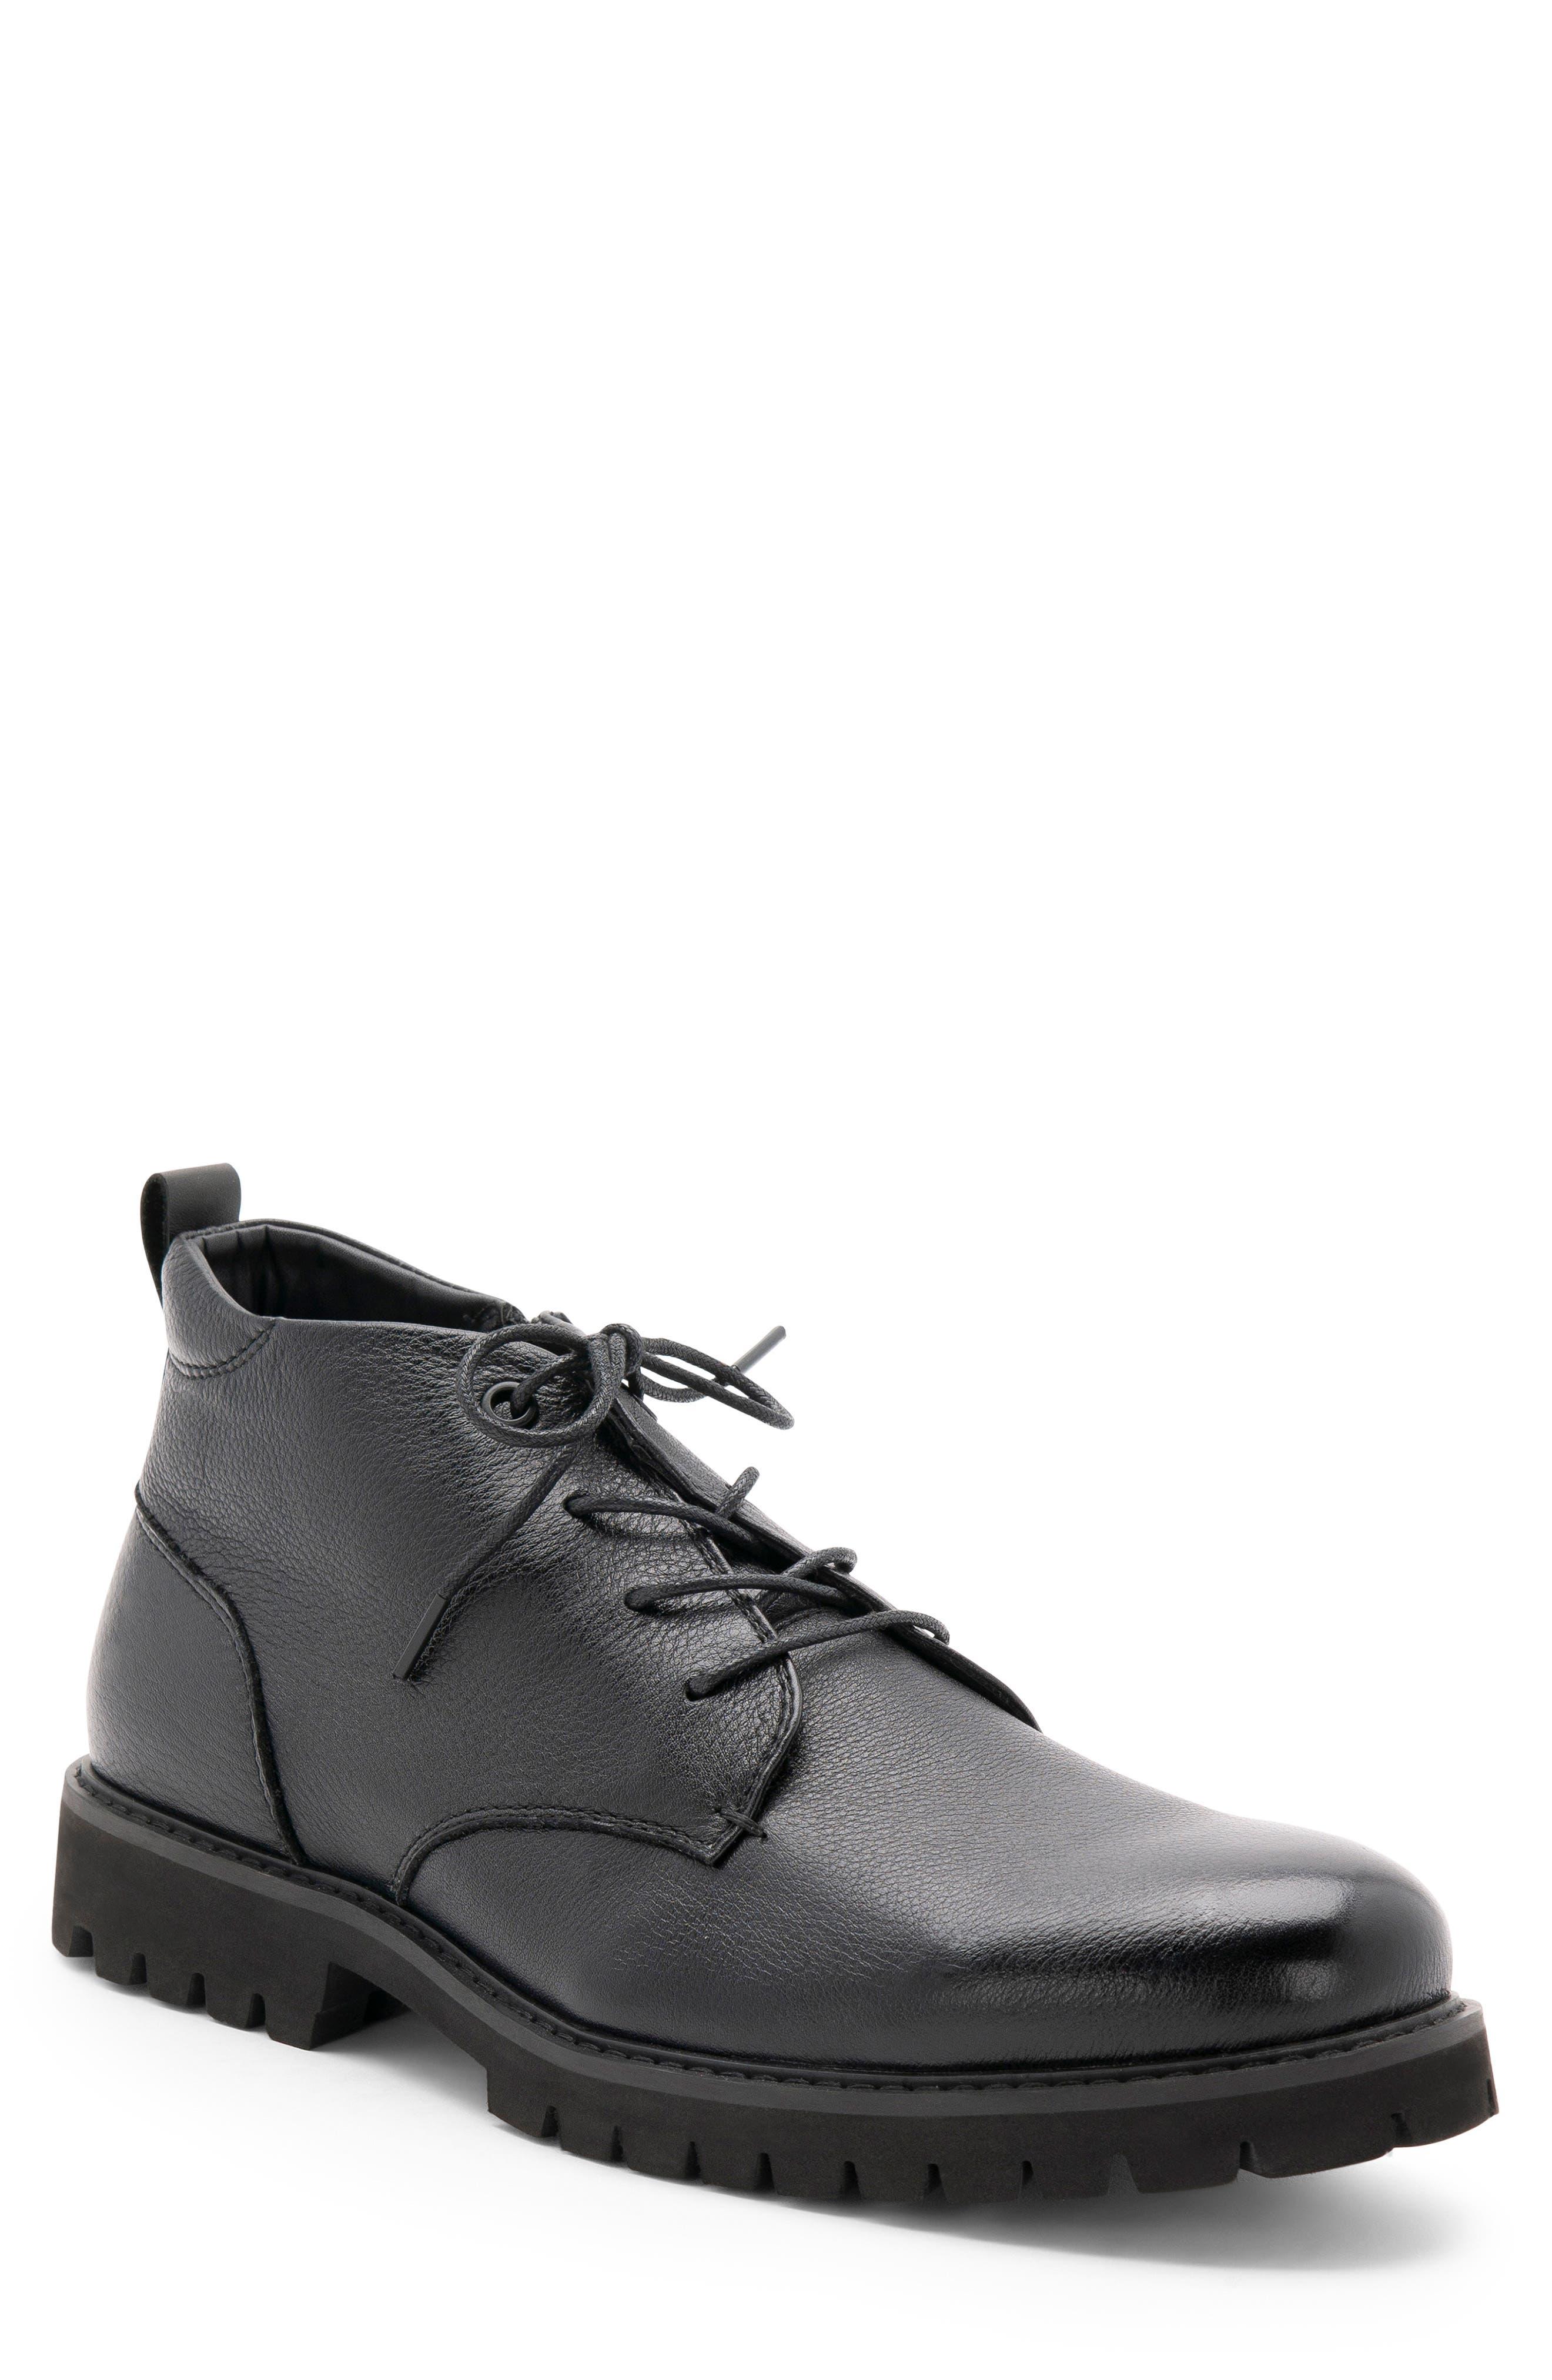 Blondo Max Chukka Waterproof Boot- Black